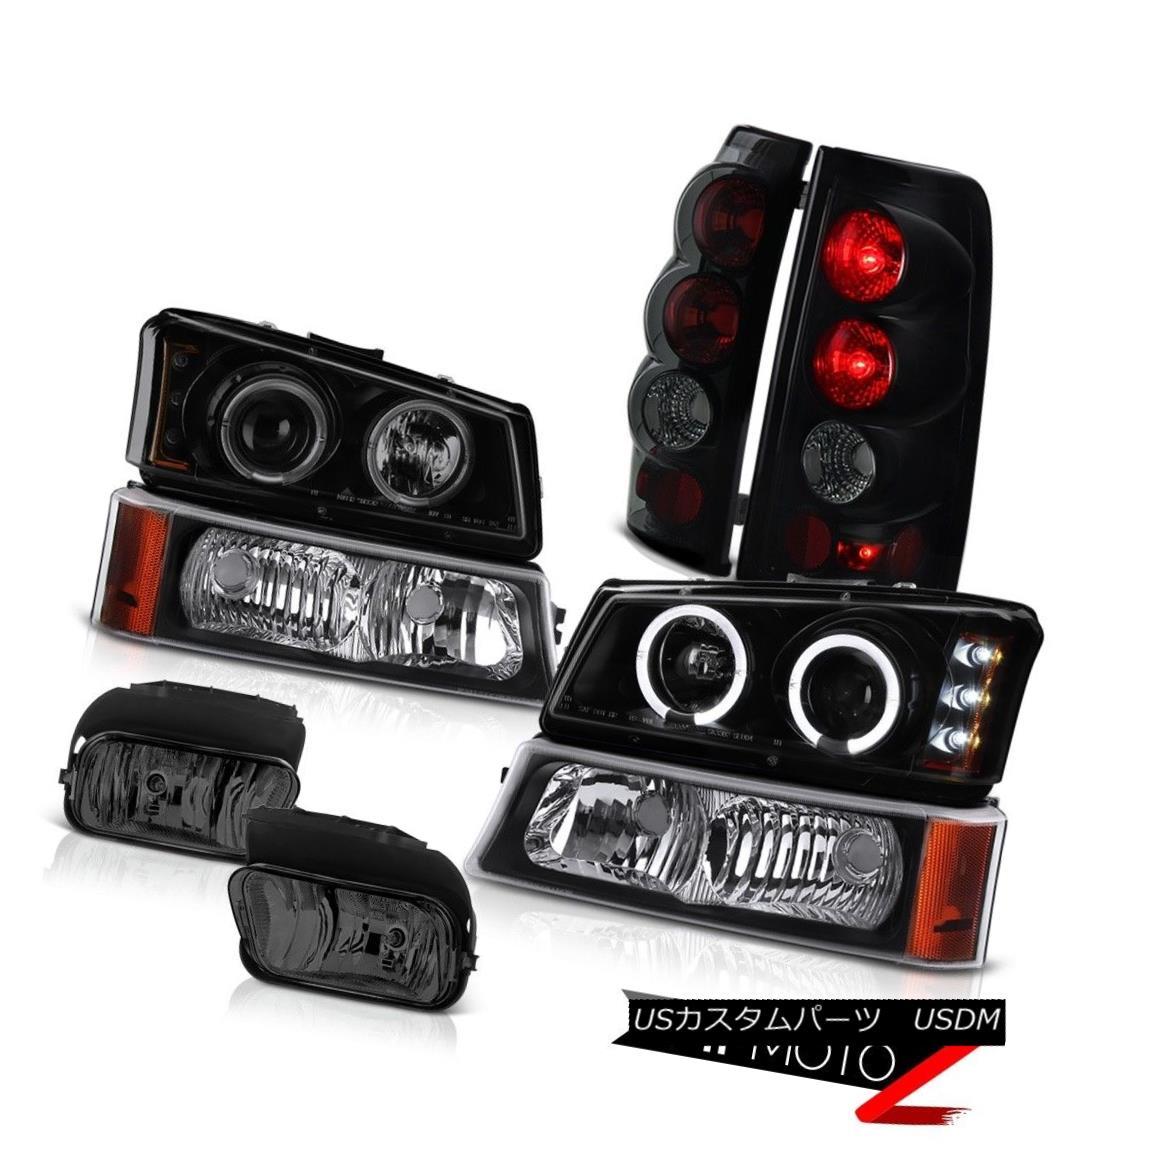 ライト・ランプ, ヘッドライト  03-06 Silverado LTZ SINISTER BLACK Headlight Halo Altezza Tail Light Foglights 03-06 Silverado LTZ SINISTER BLACKHalo Altezza